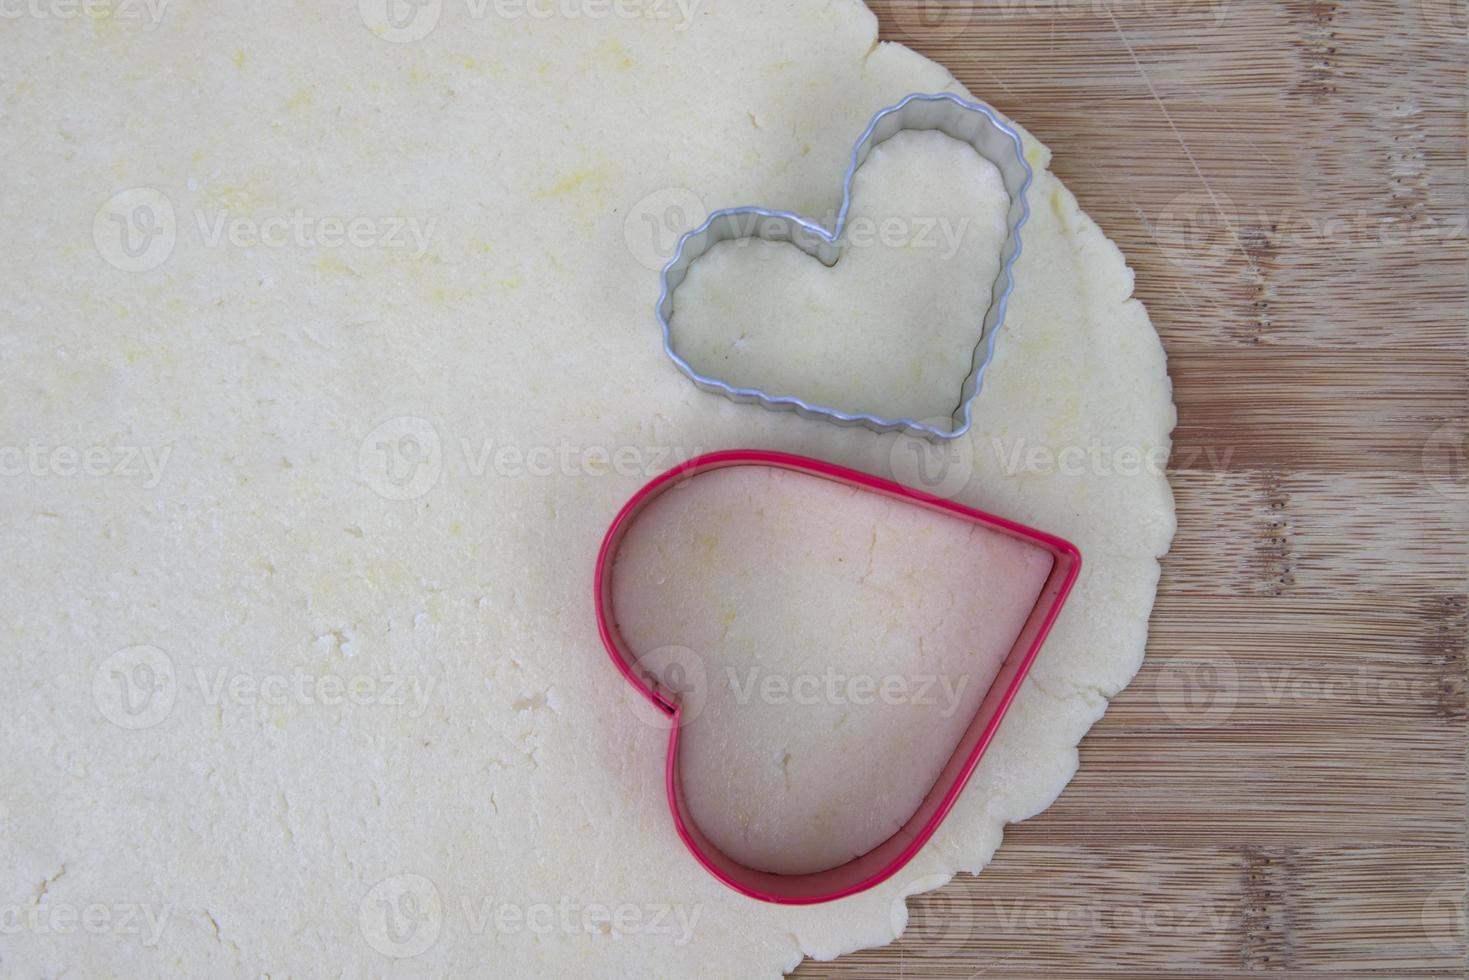 pâte à biscuits au sucre avec des emporte-pièces en forme de cœur photo